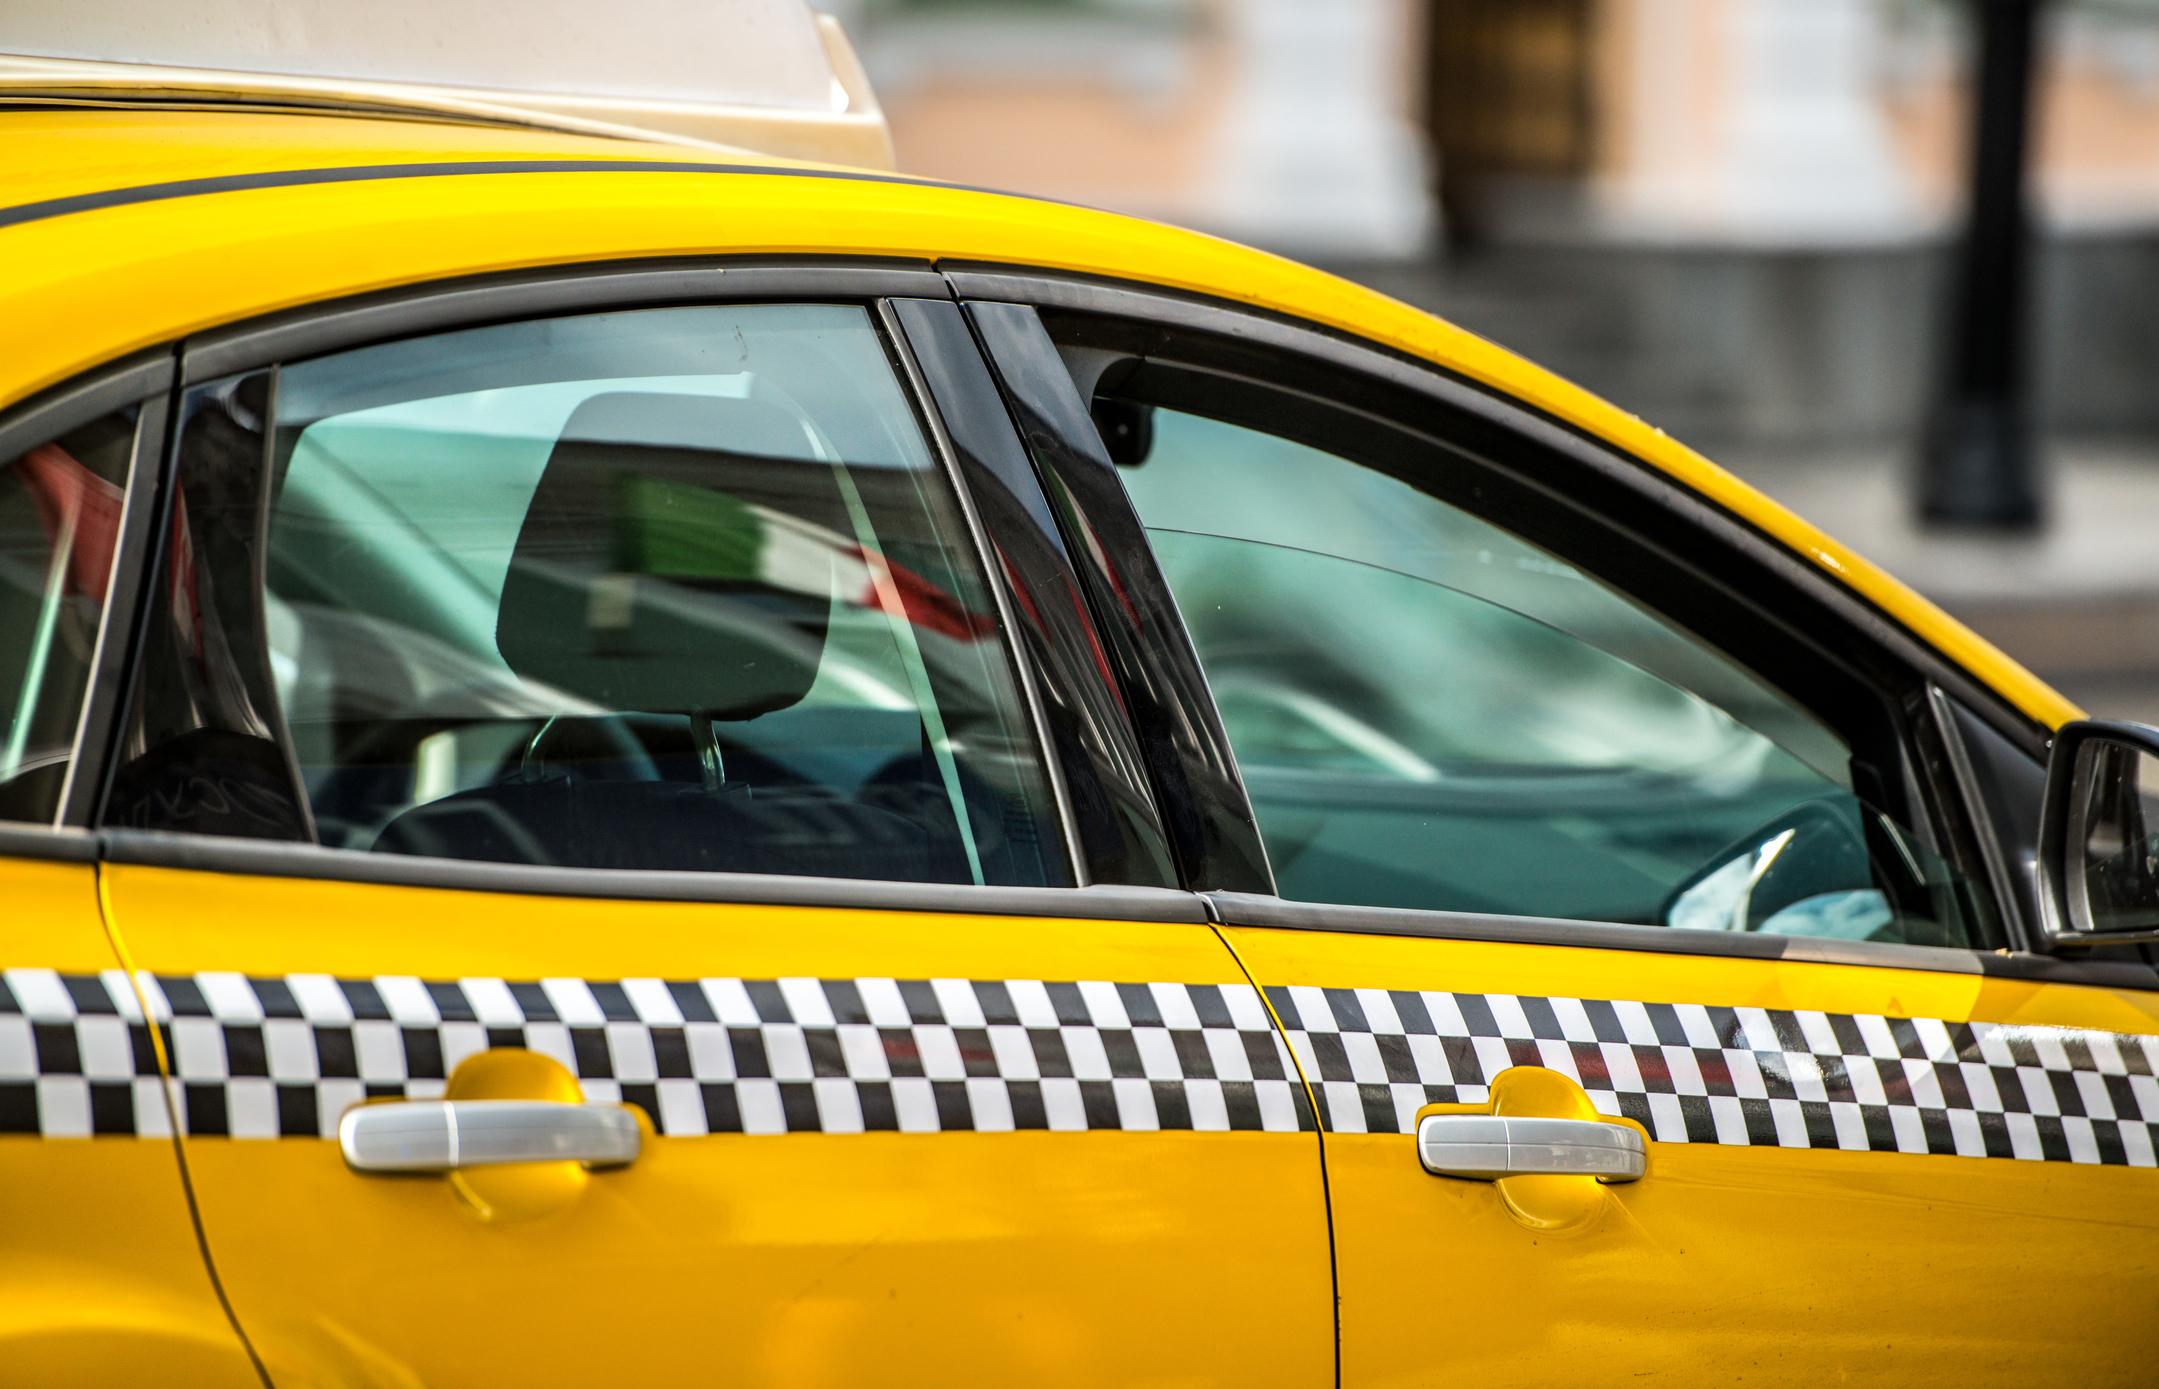 Внедряемые изменения в работе столичного такси улучшат безопасность пассажиров — Цветков